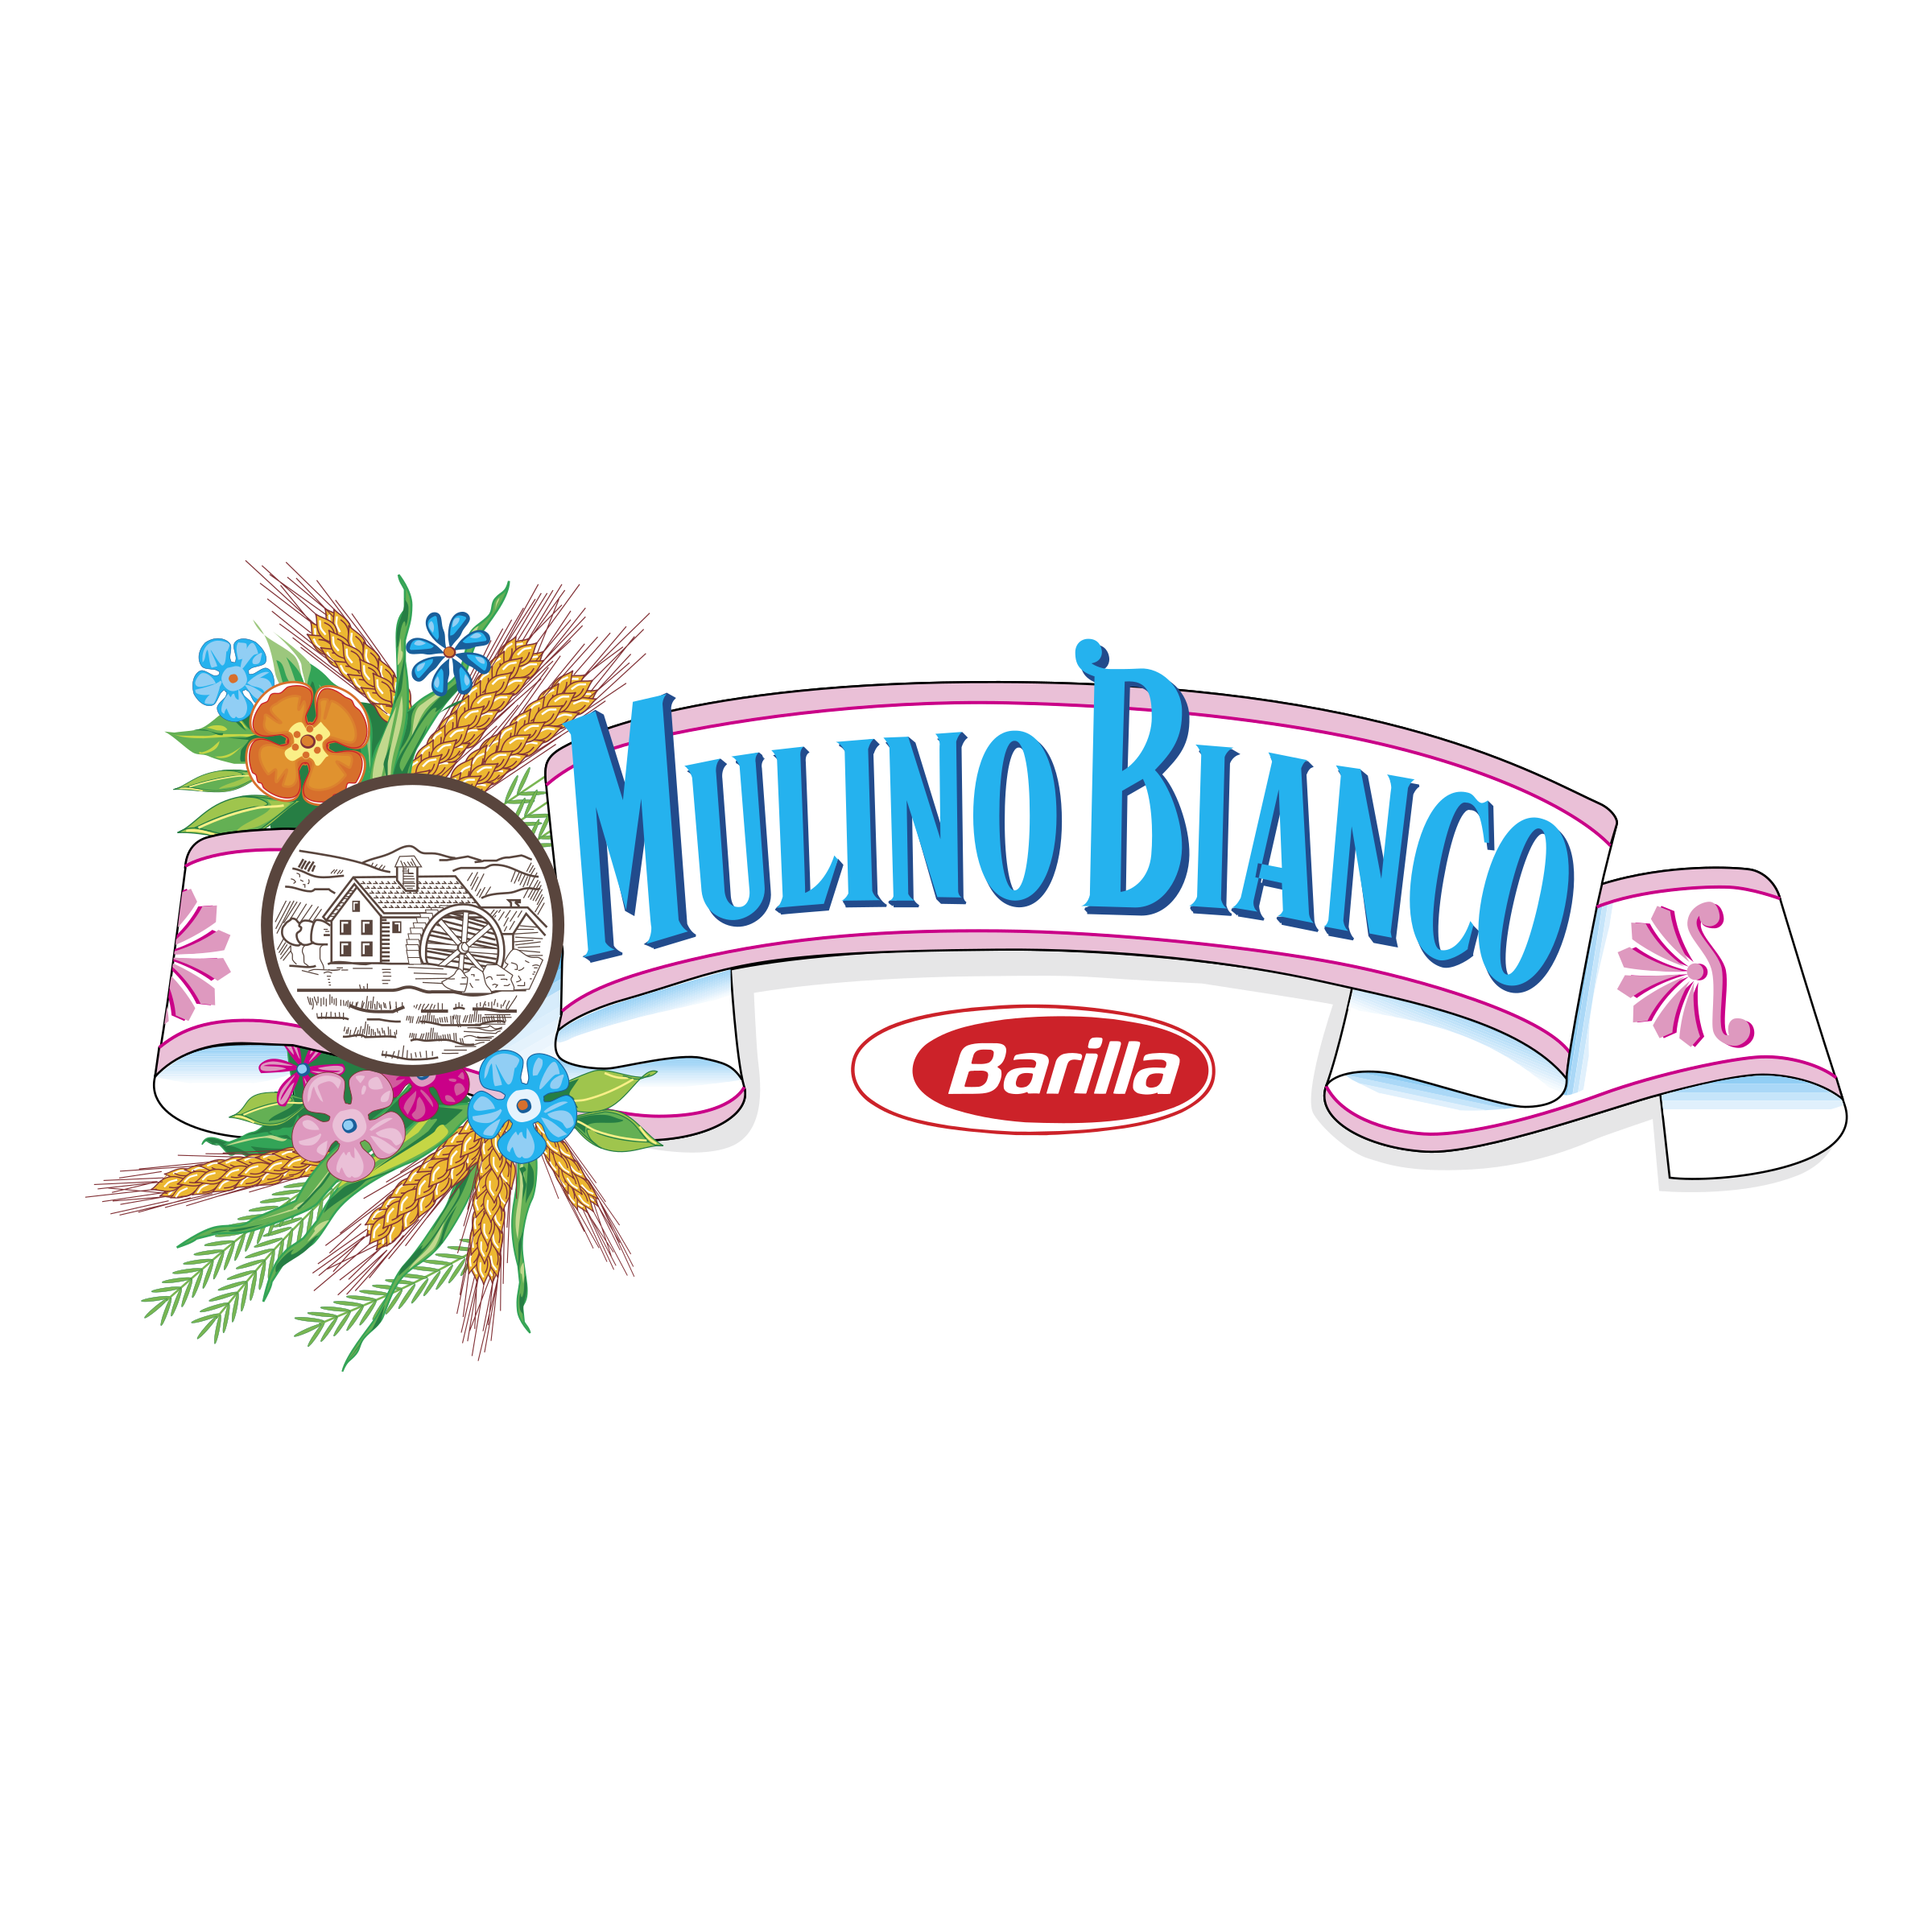 mulino-bianco-logo-png-transparent